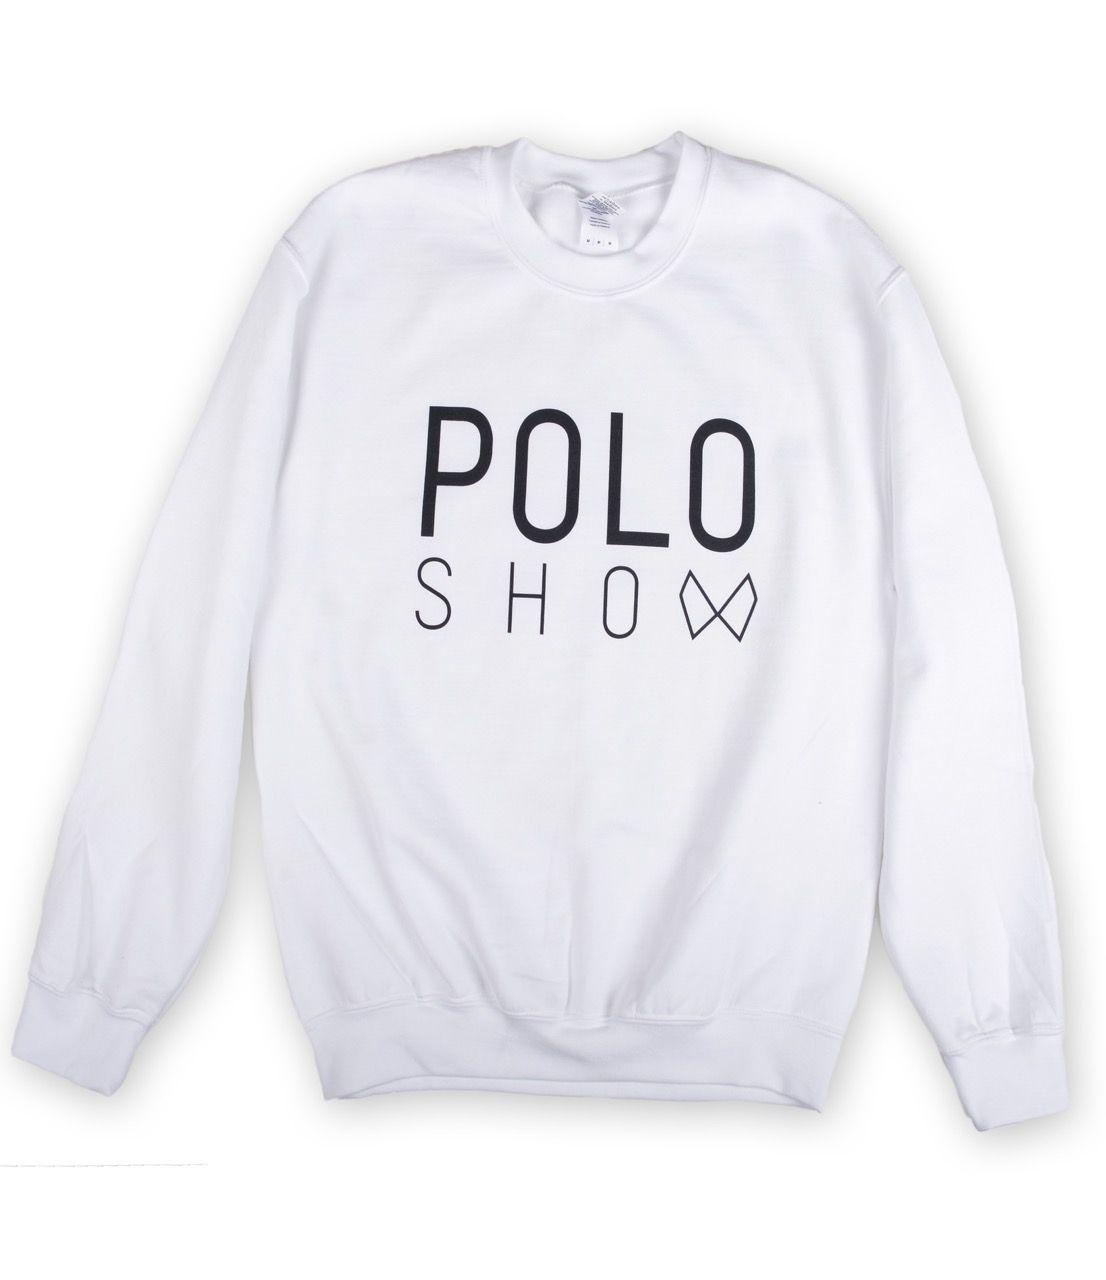 Poloshow Sweater white 1